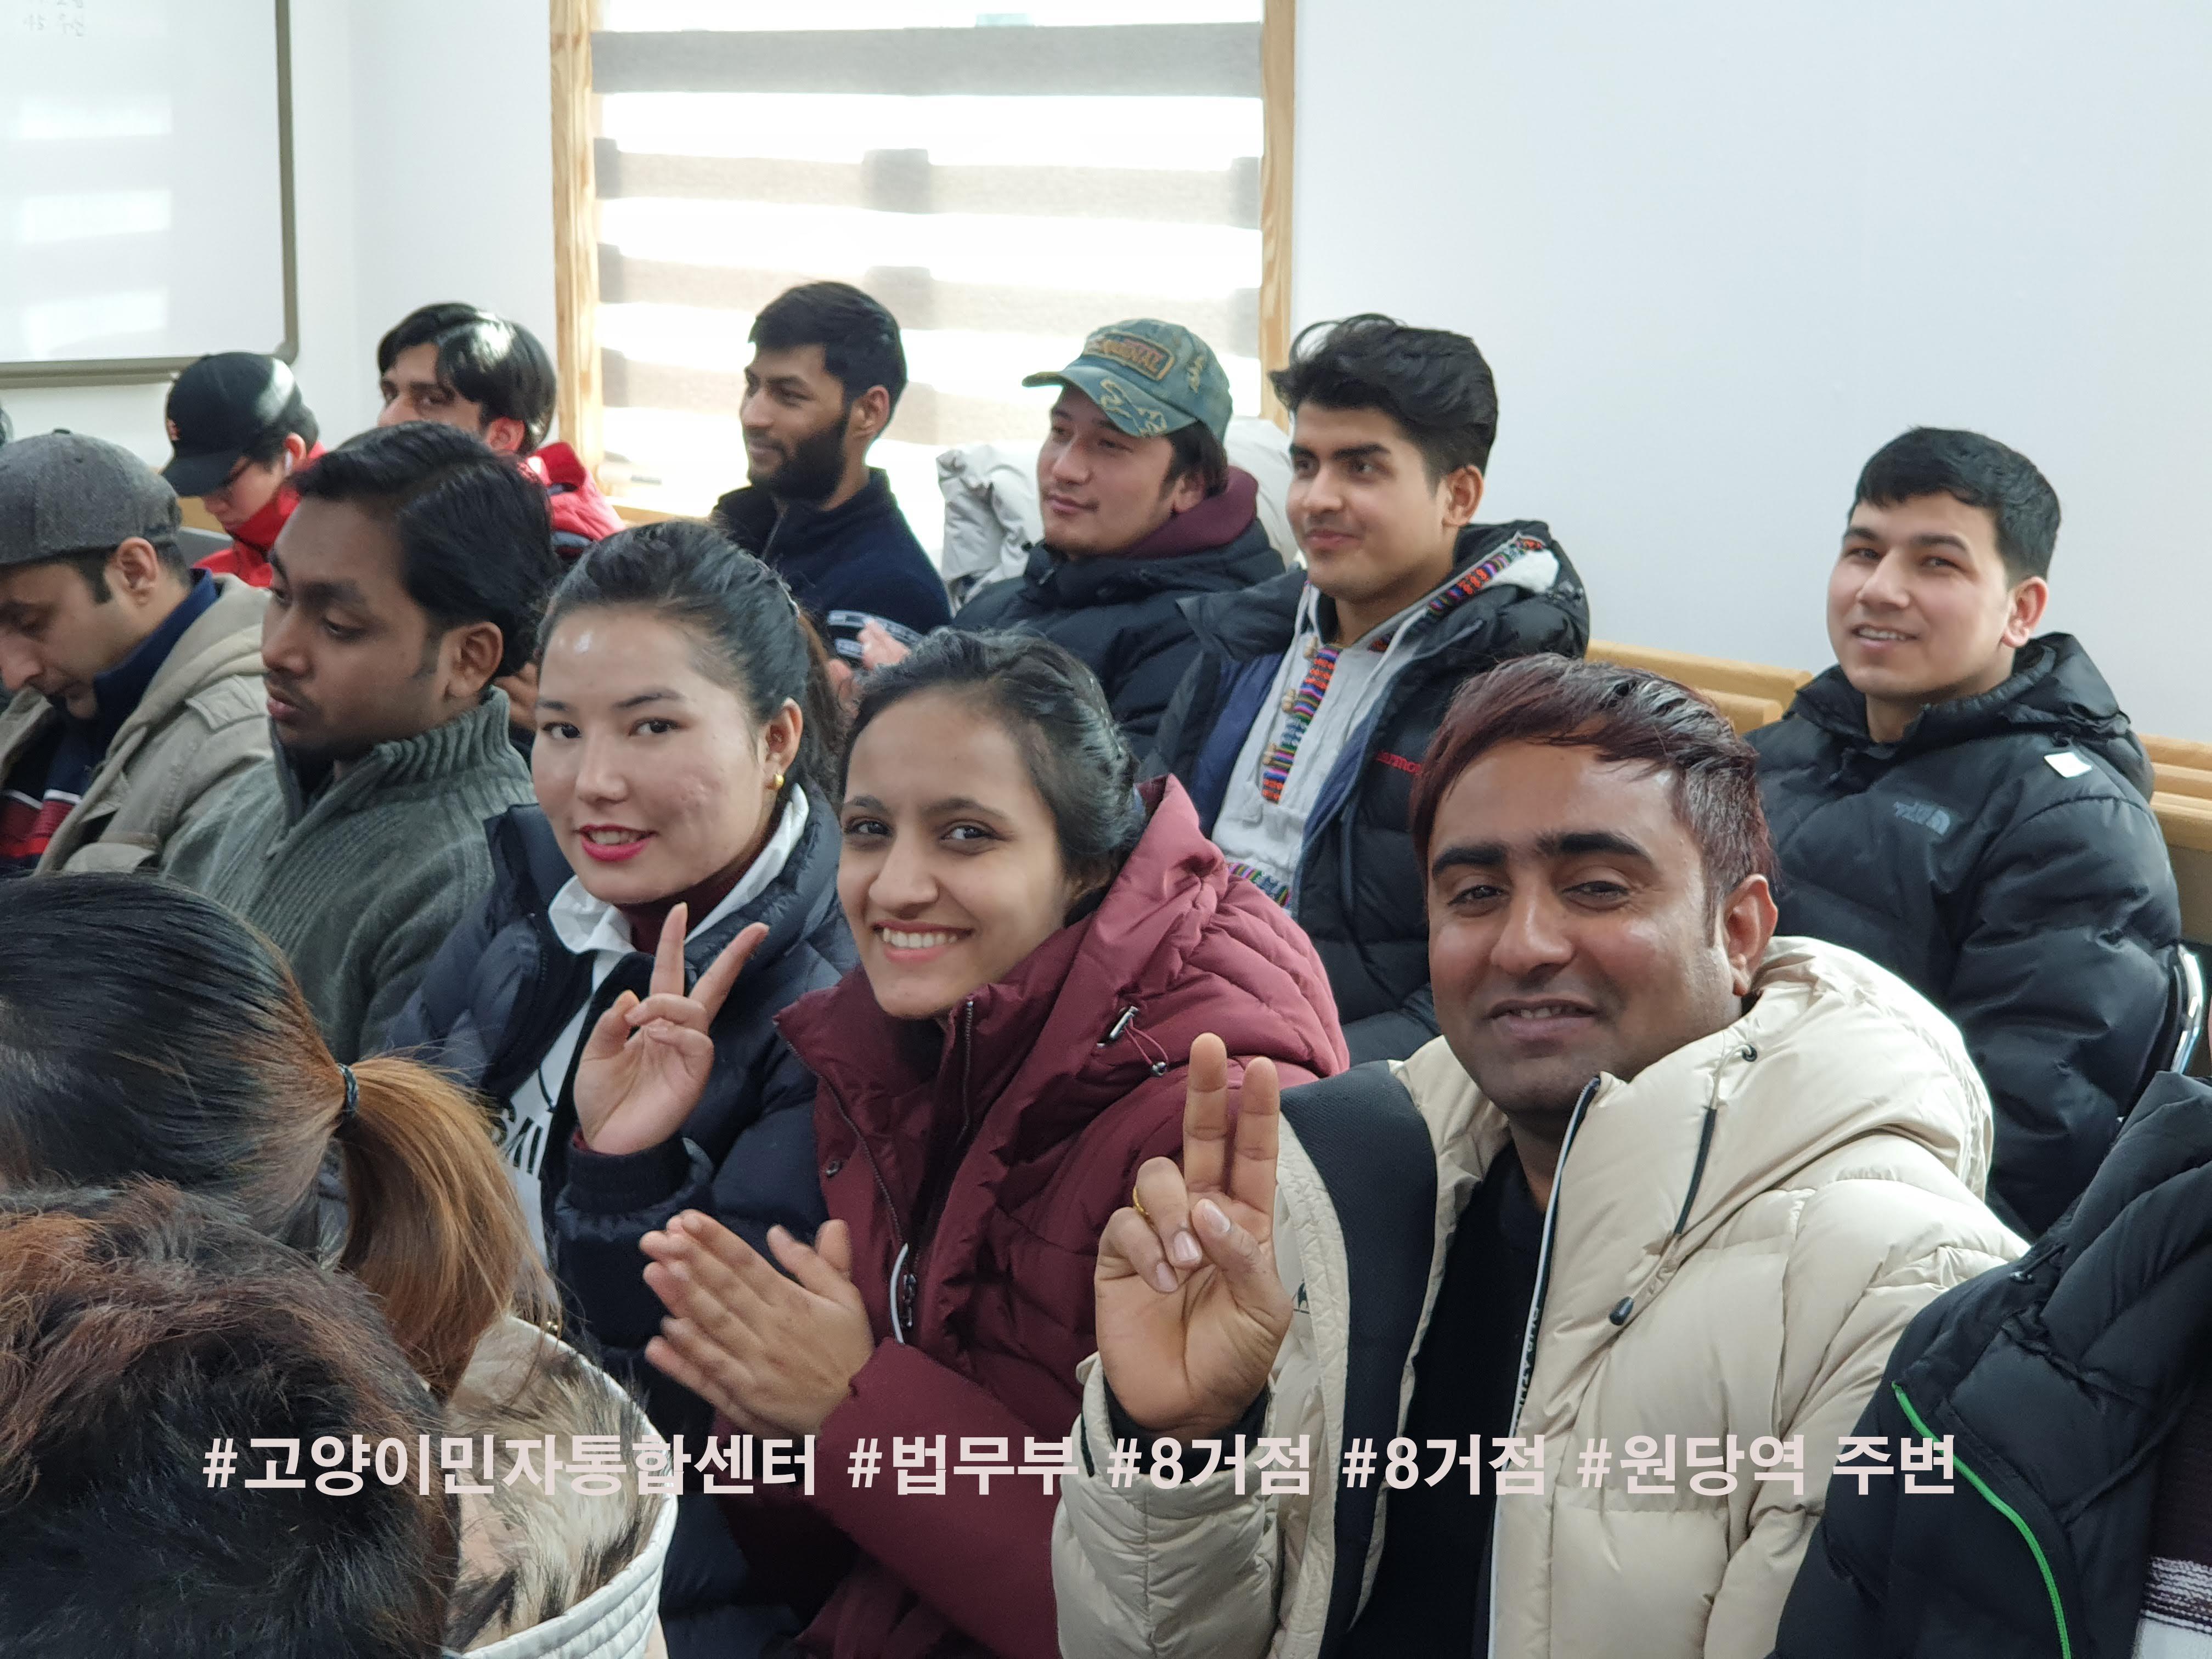 7. 고양이민자통합센터 수업에 참여한 이민자